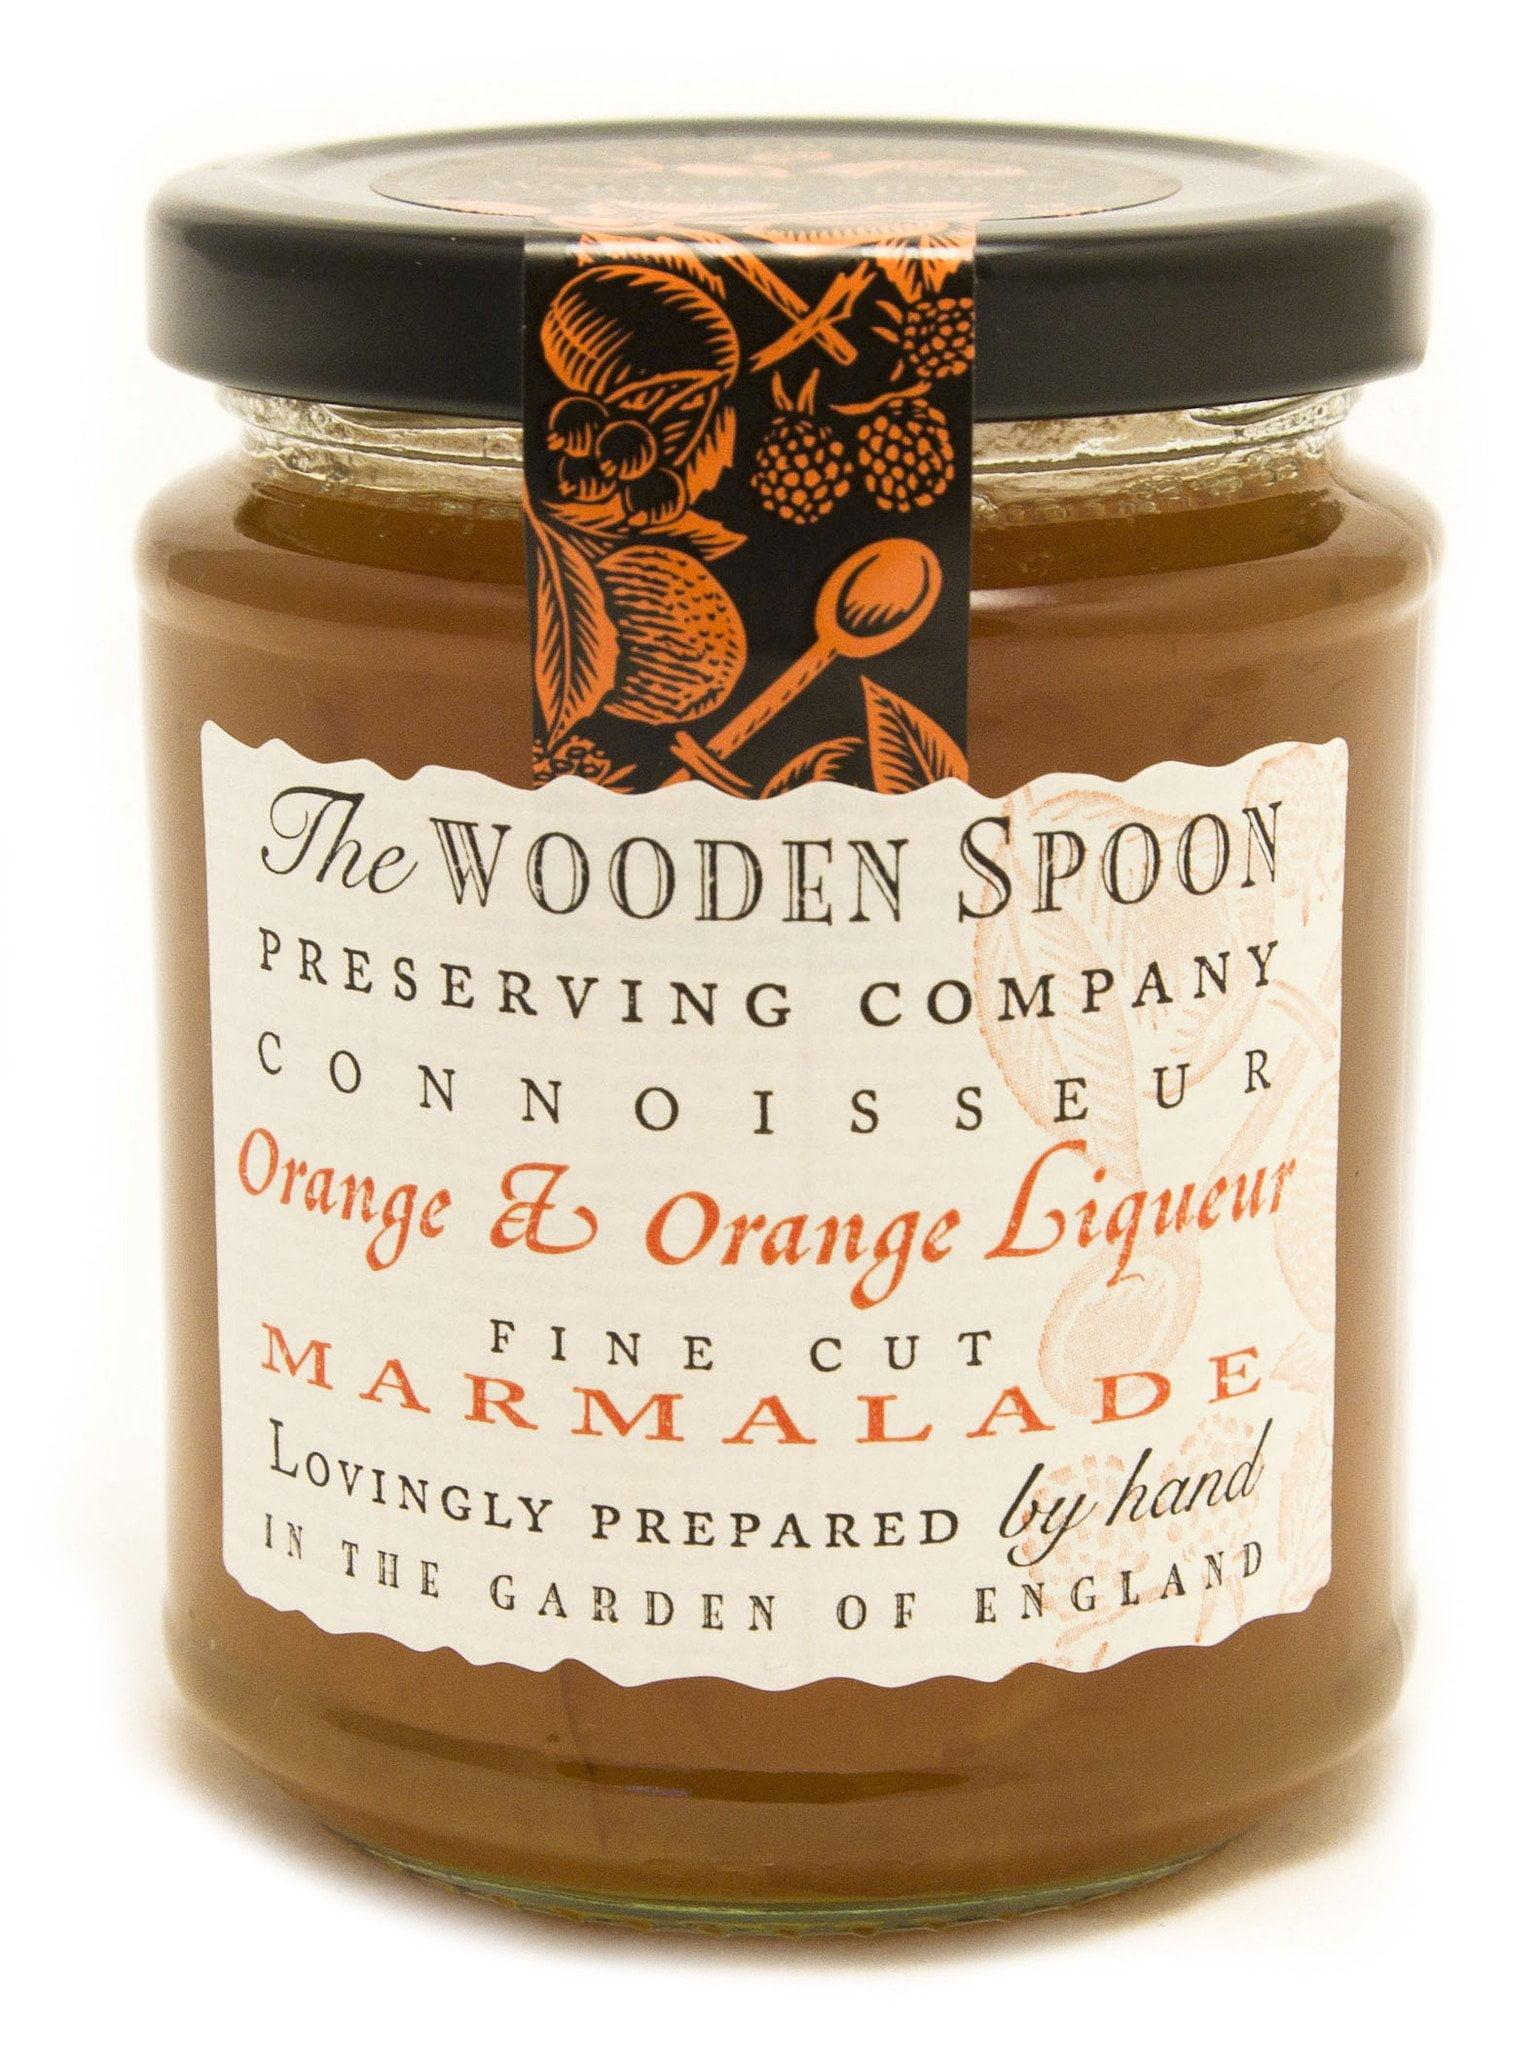 Connoisseur - Orange & Orange Liqueur